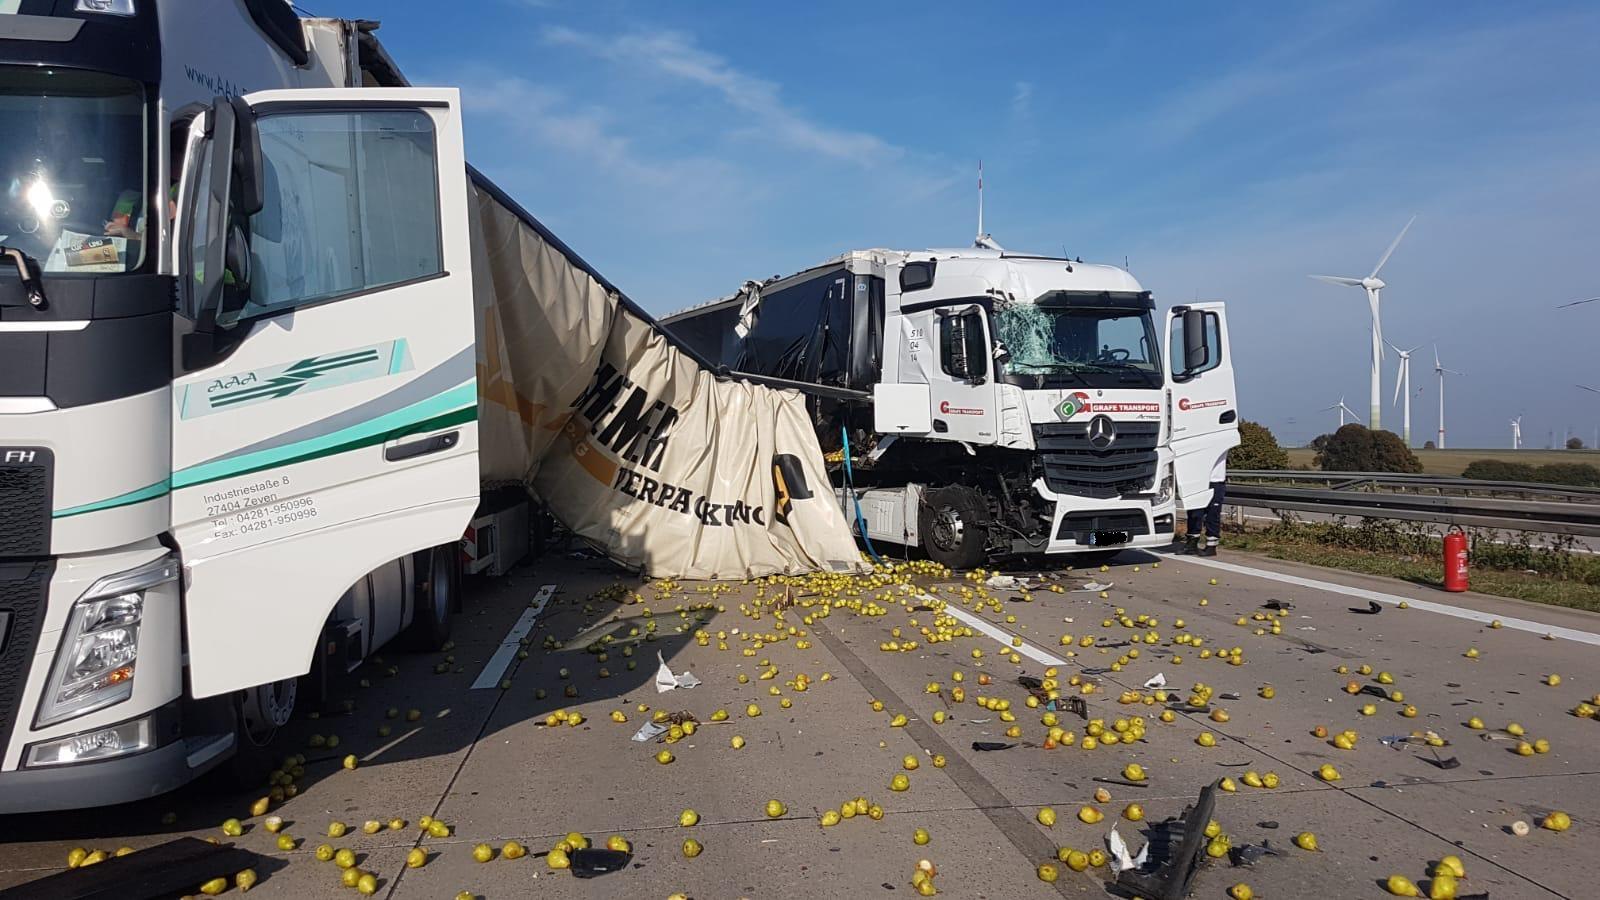 Unfall Auf Der A9 Obst Kullert über Die Autobahn Du Bist Halle